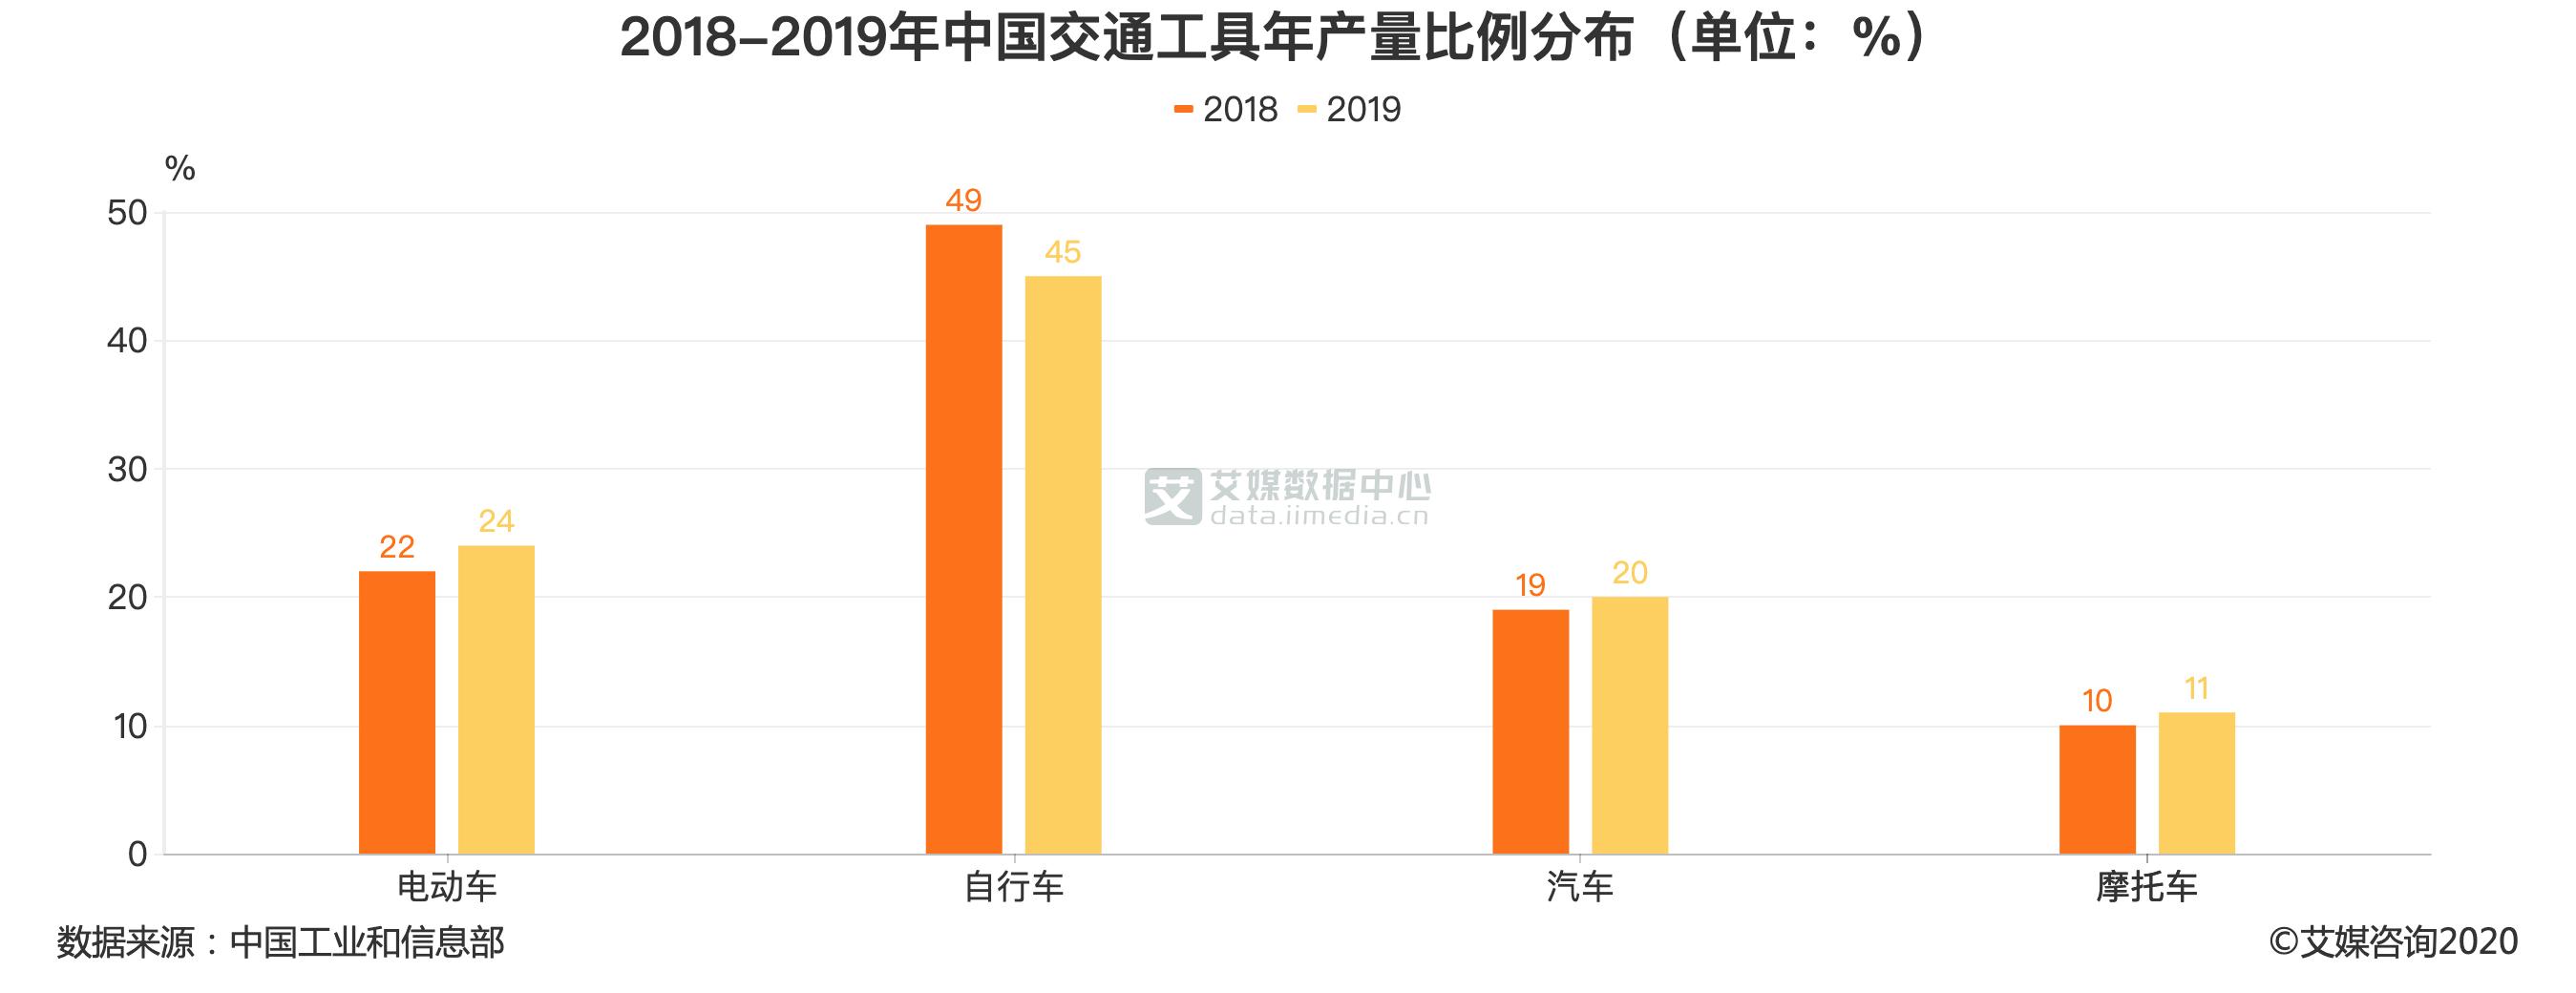 2018-2019年中国交通工具年产量比例分布(单位:%)